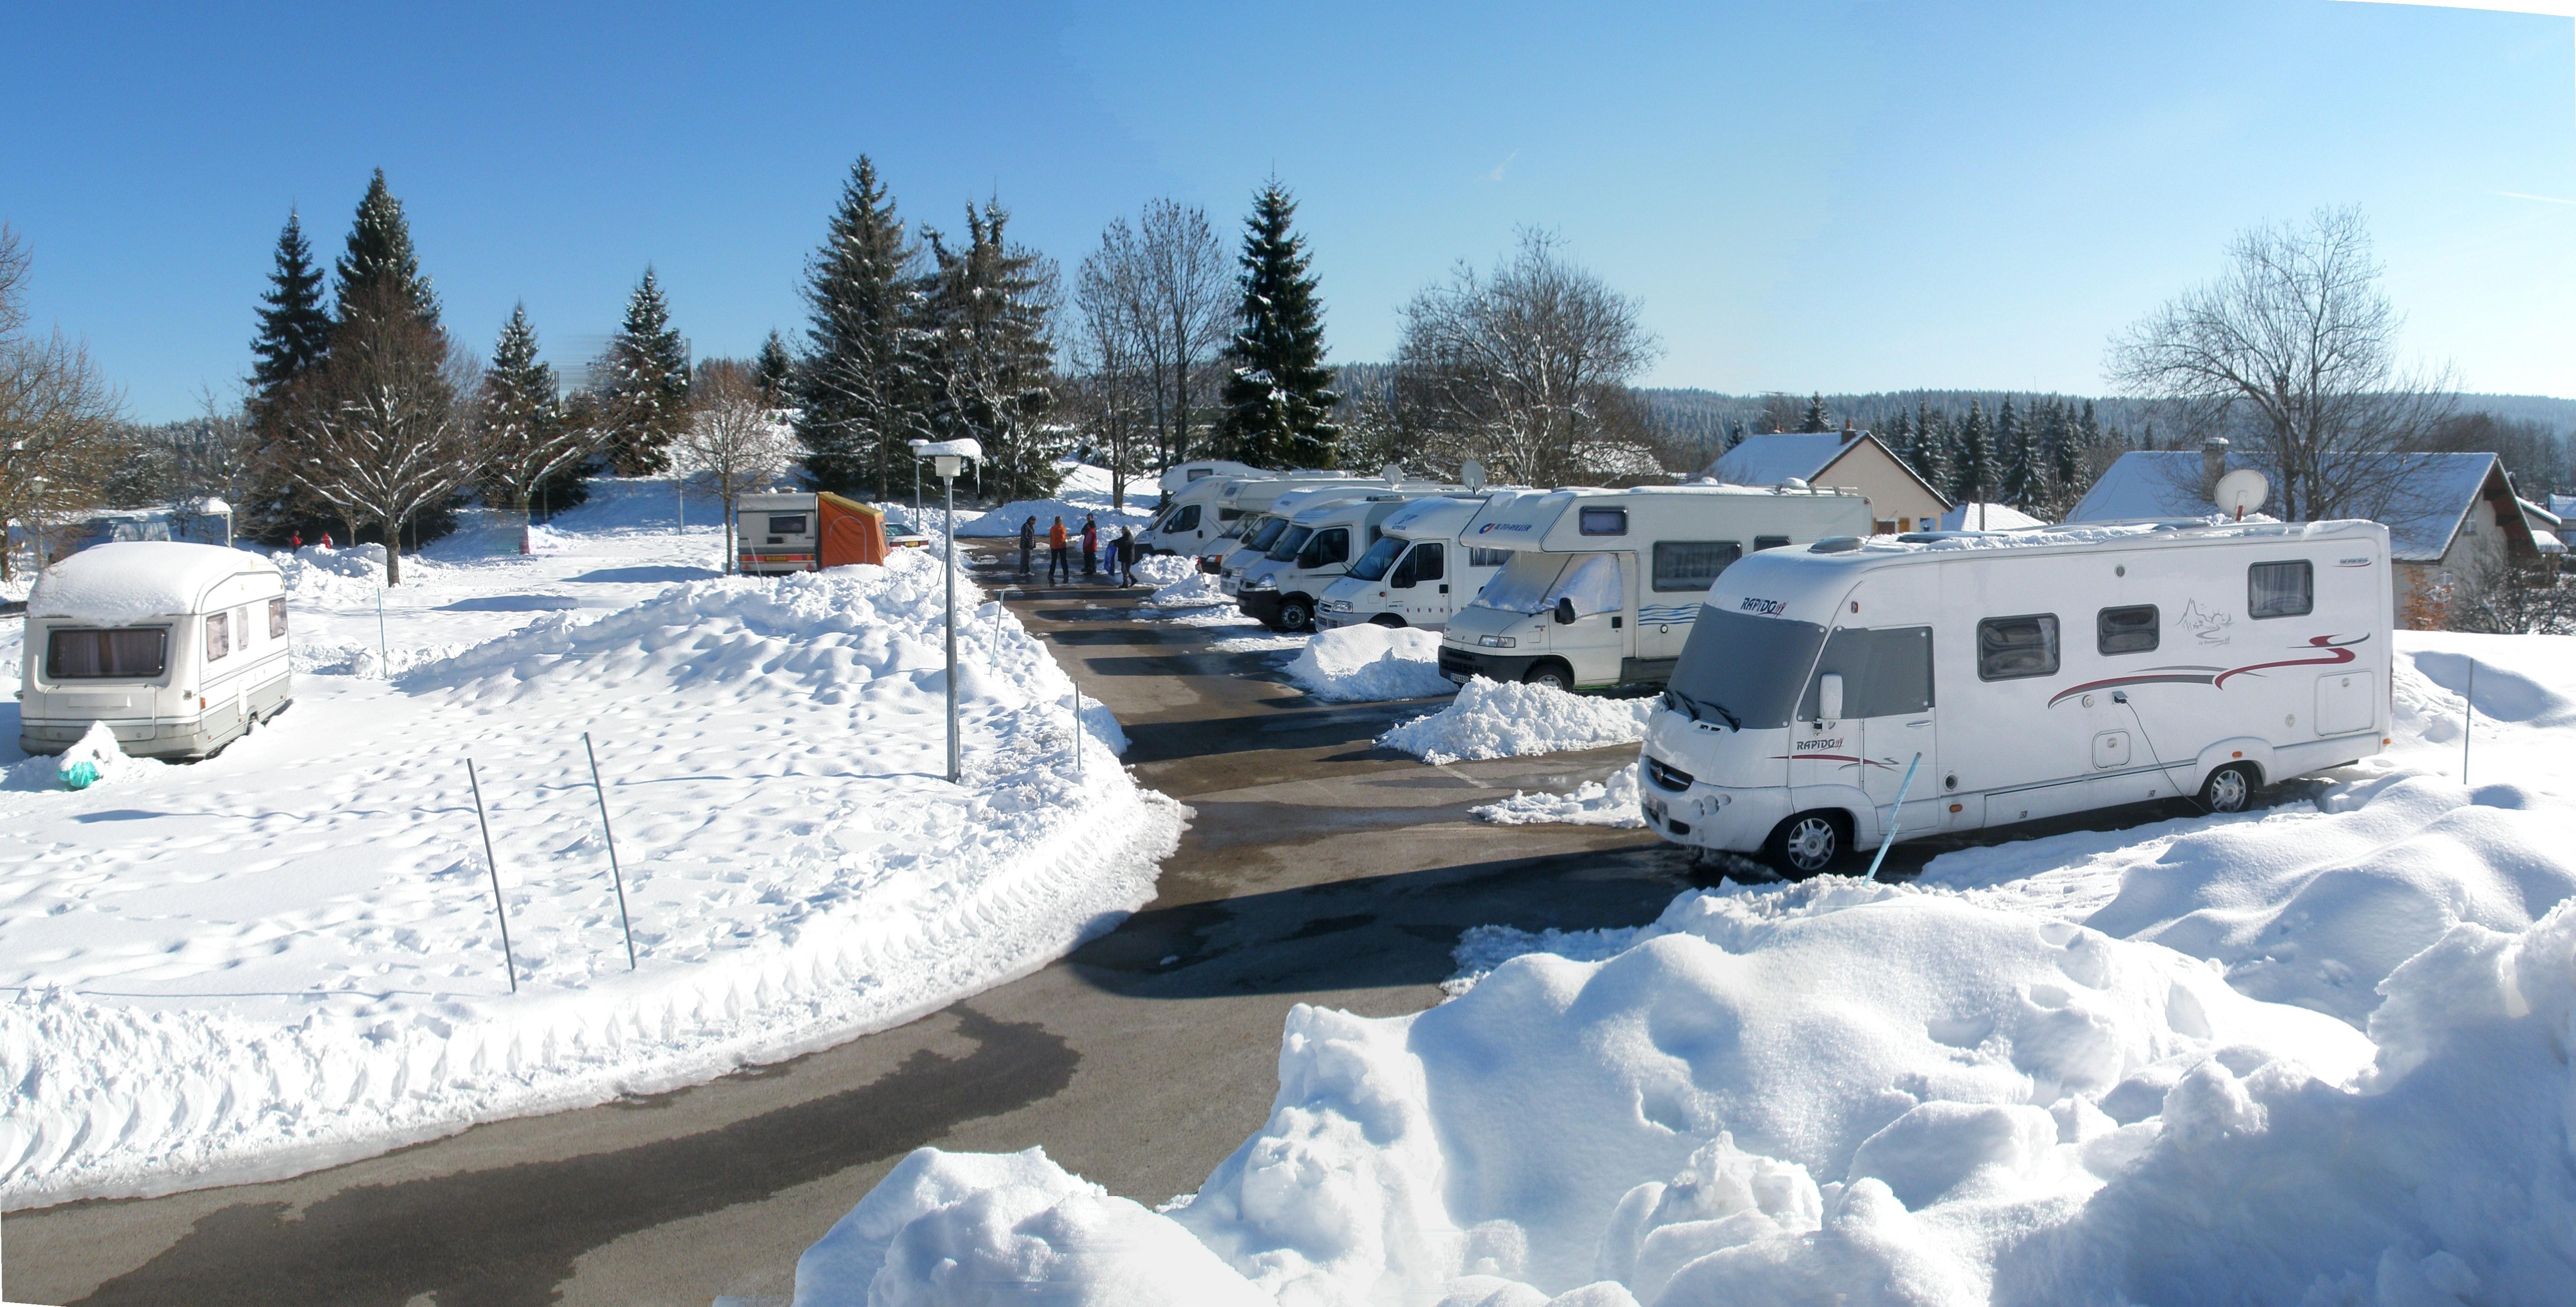 Camping Municipal le Champs de Mars, Saint-Laurent-en-Grandvaux, Jura